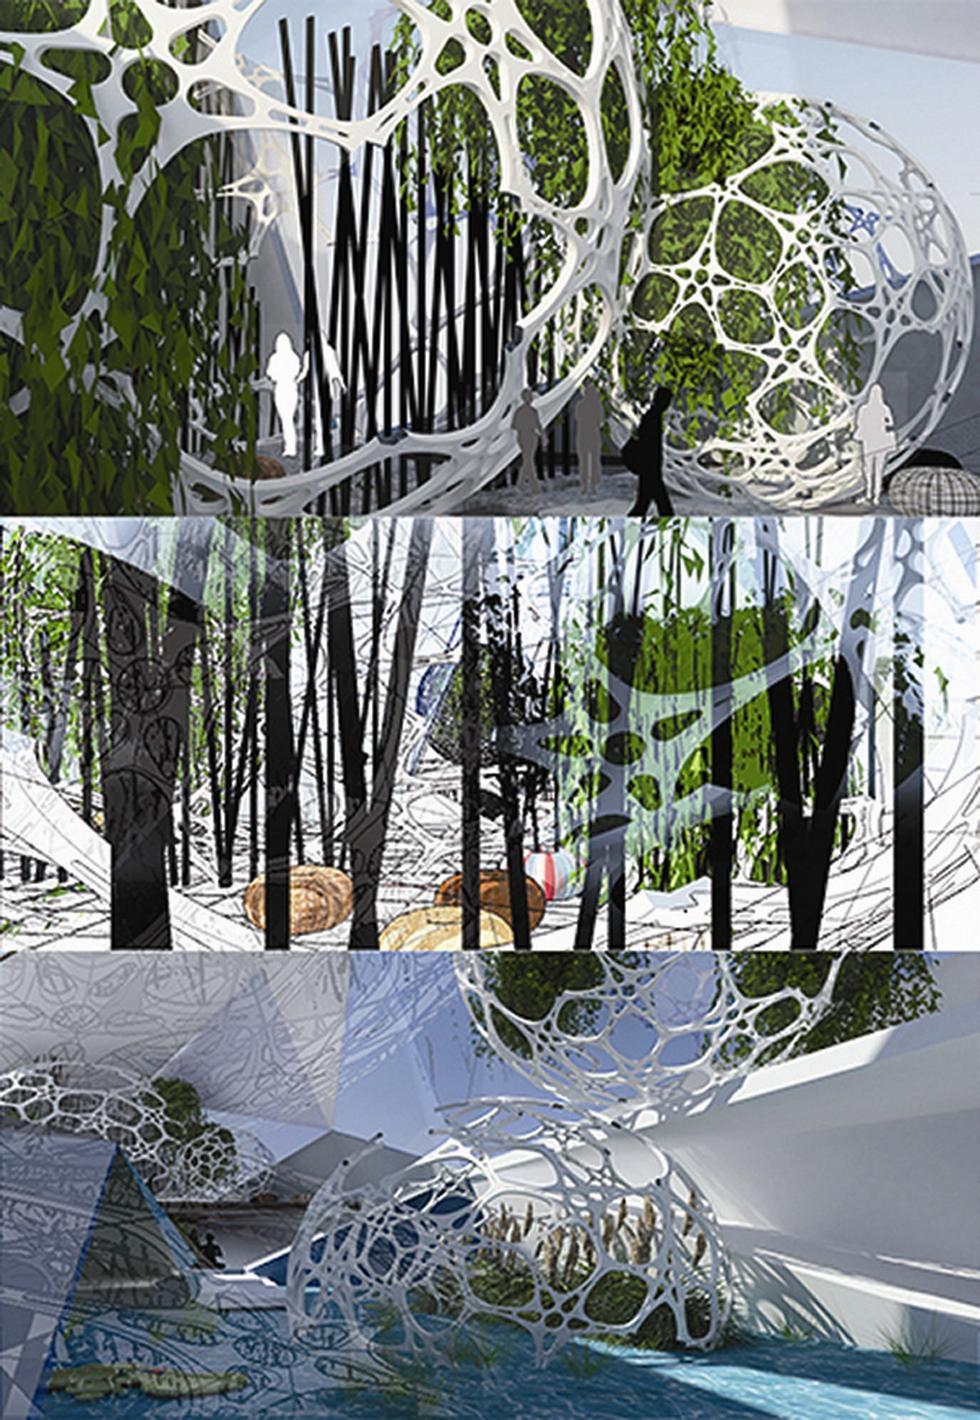 Biennale Architektury Wnętrz